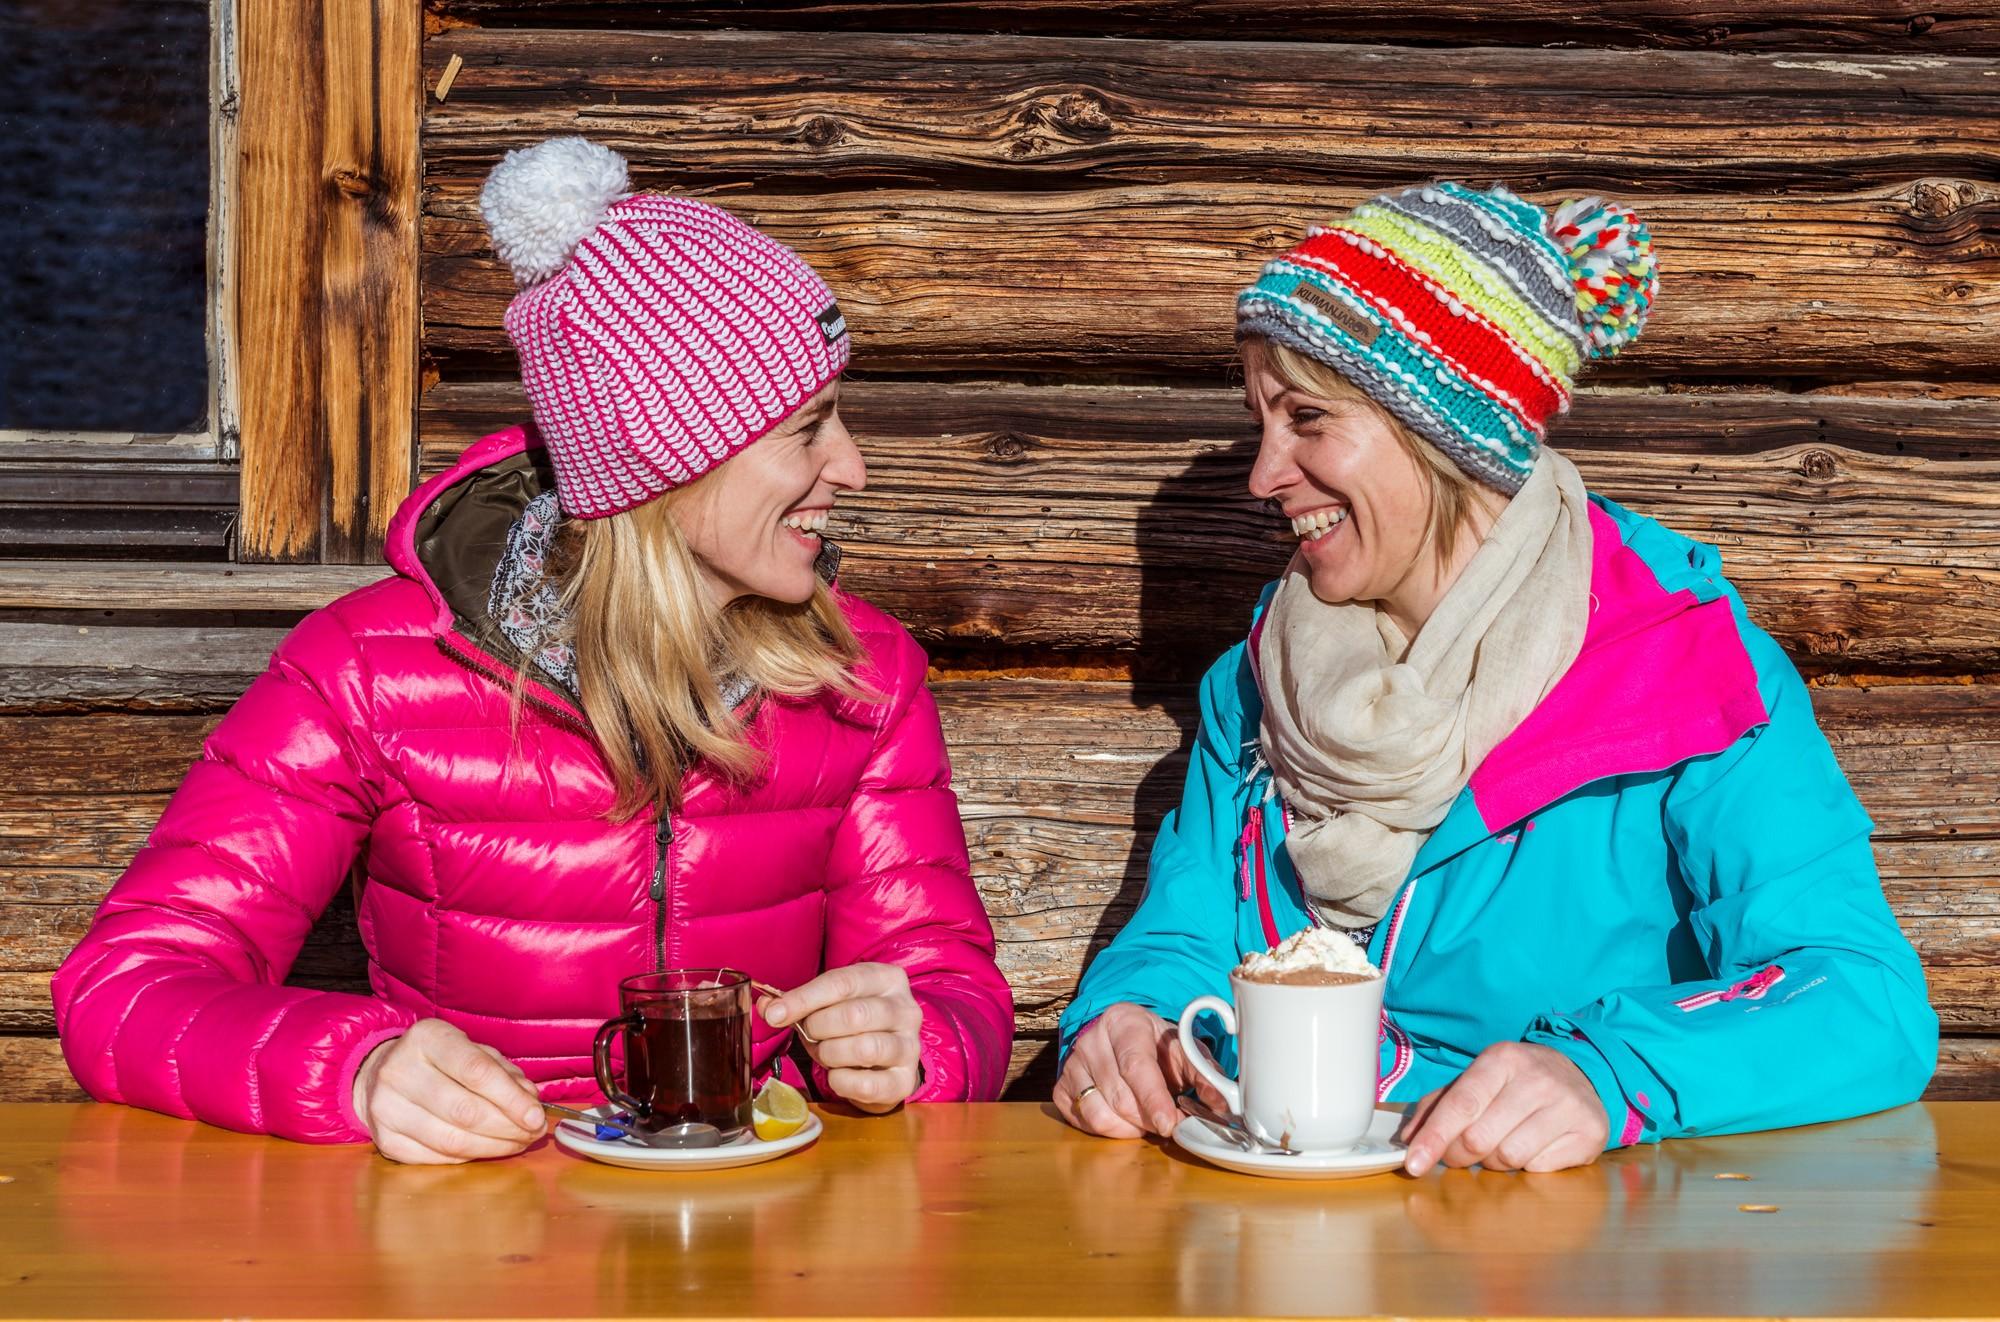 Hüttenstimmung, Sonne, Tee, Heiße Schokolade